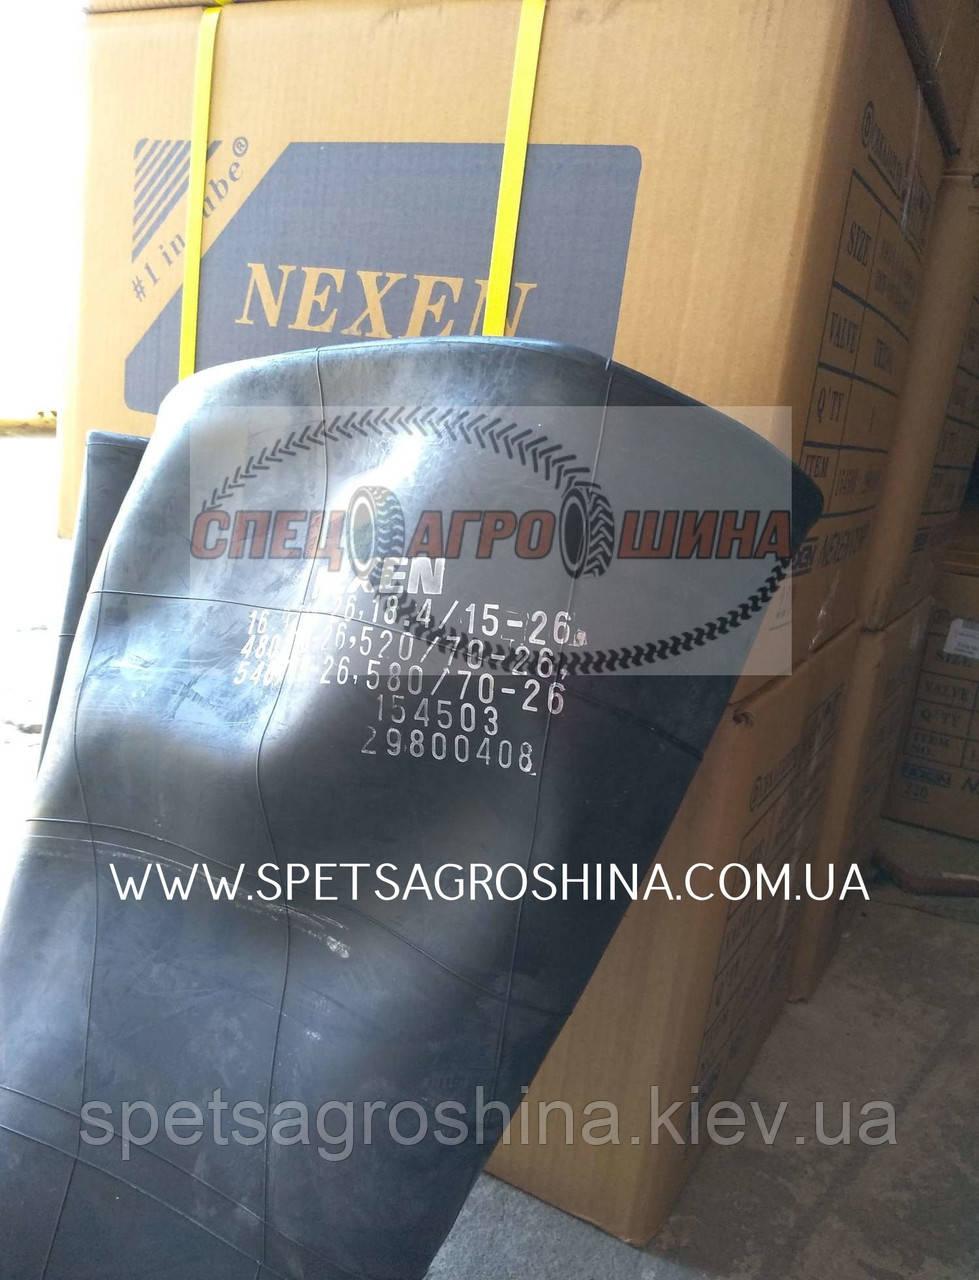 Камера 16.9/18.4-26 TR-218A  Nexen